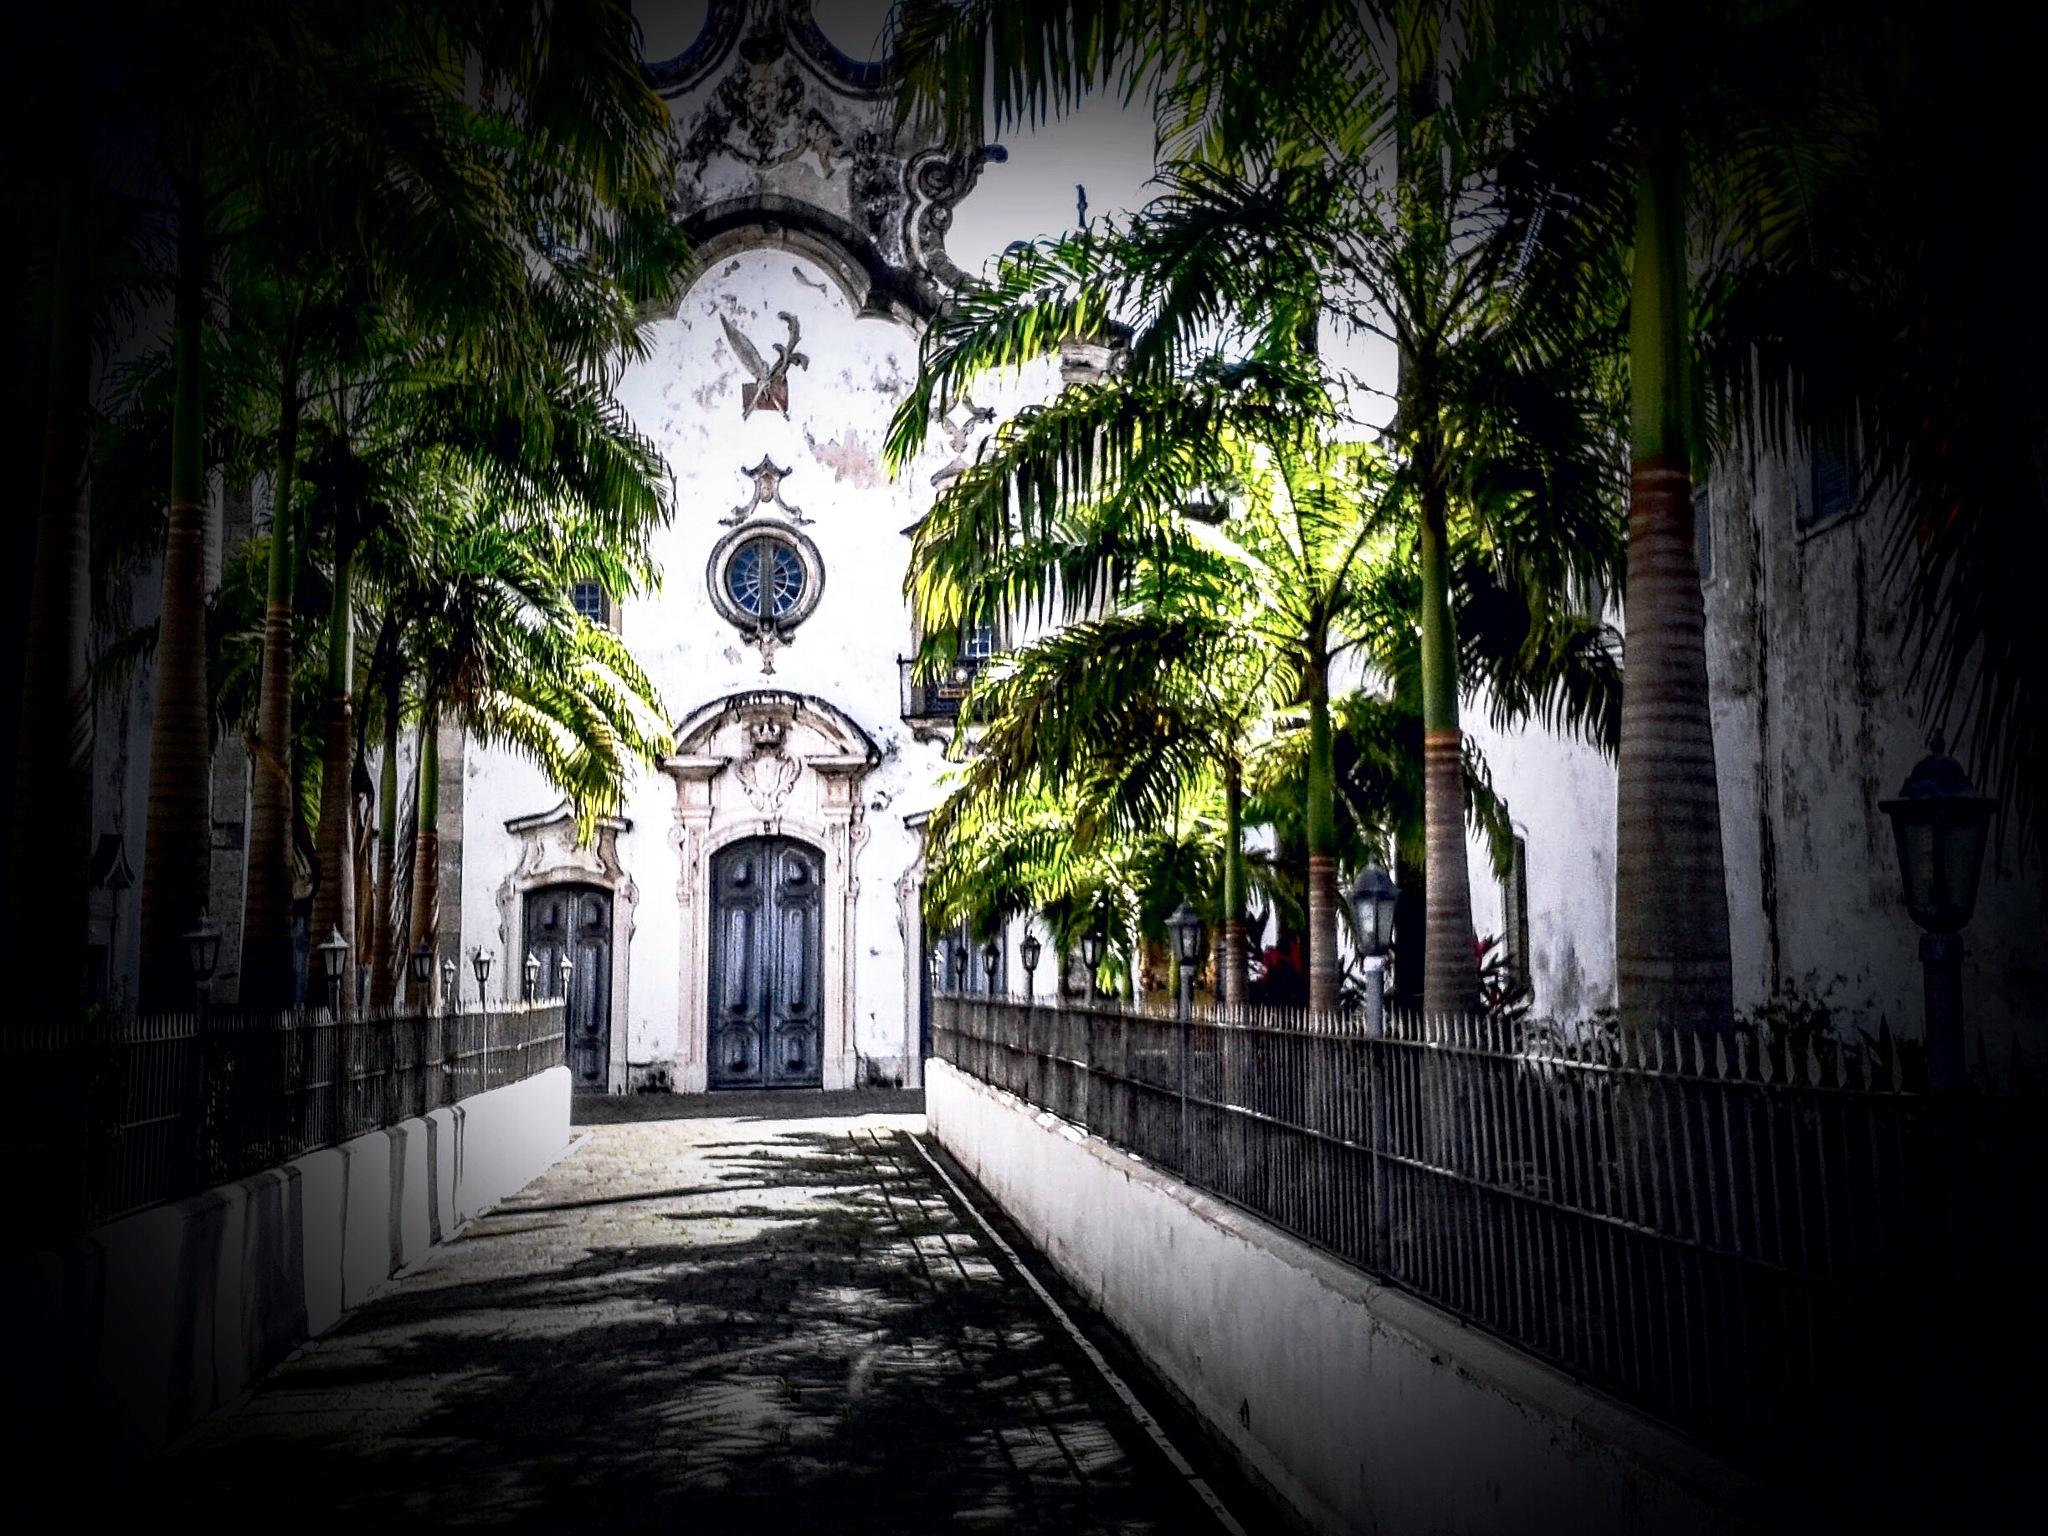 Igrejas Monumentales do Brasil  colonial  by Sonja